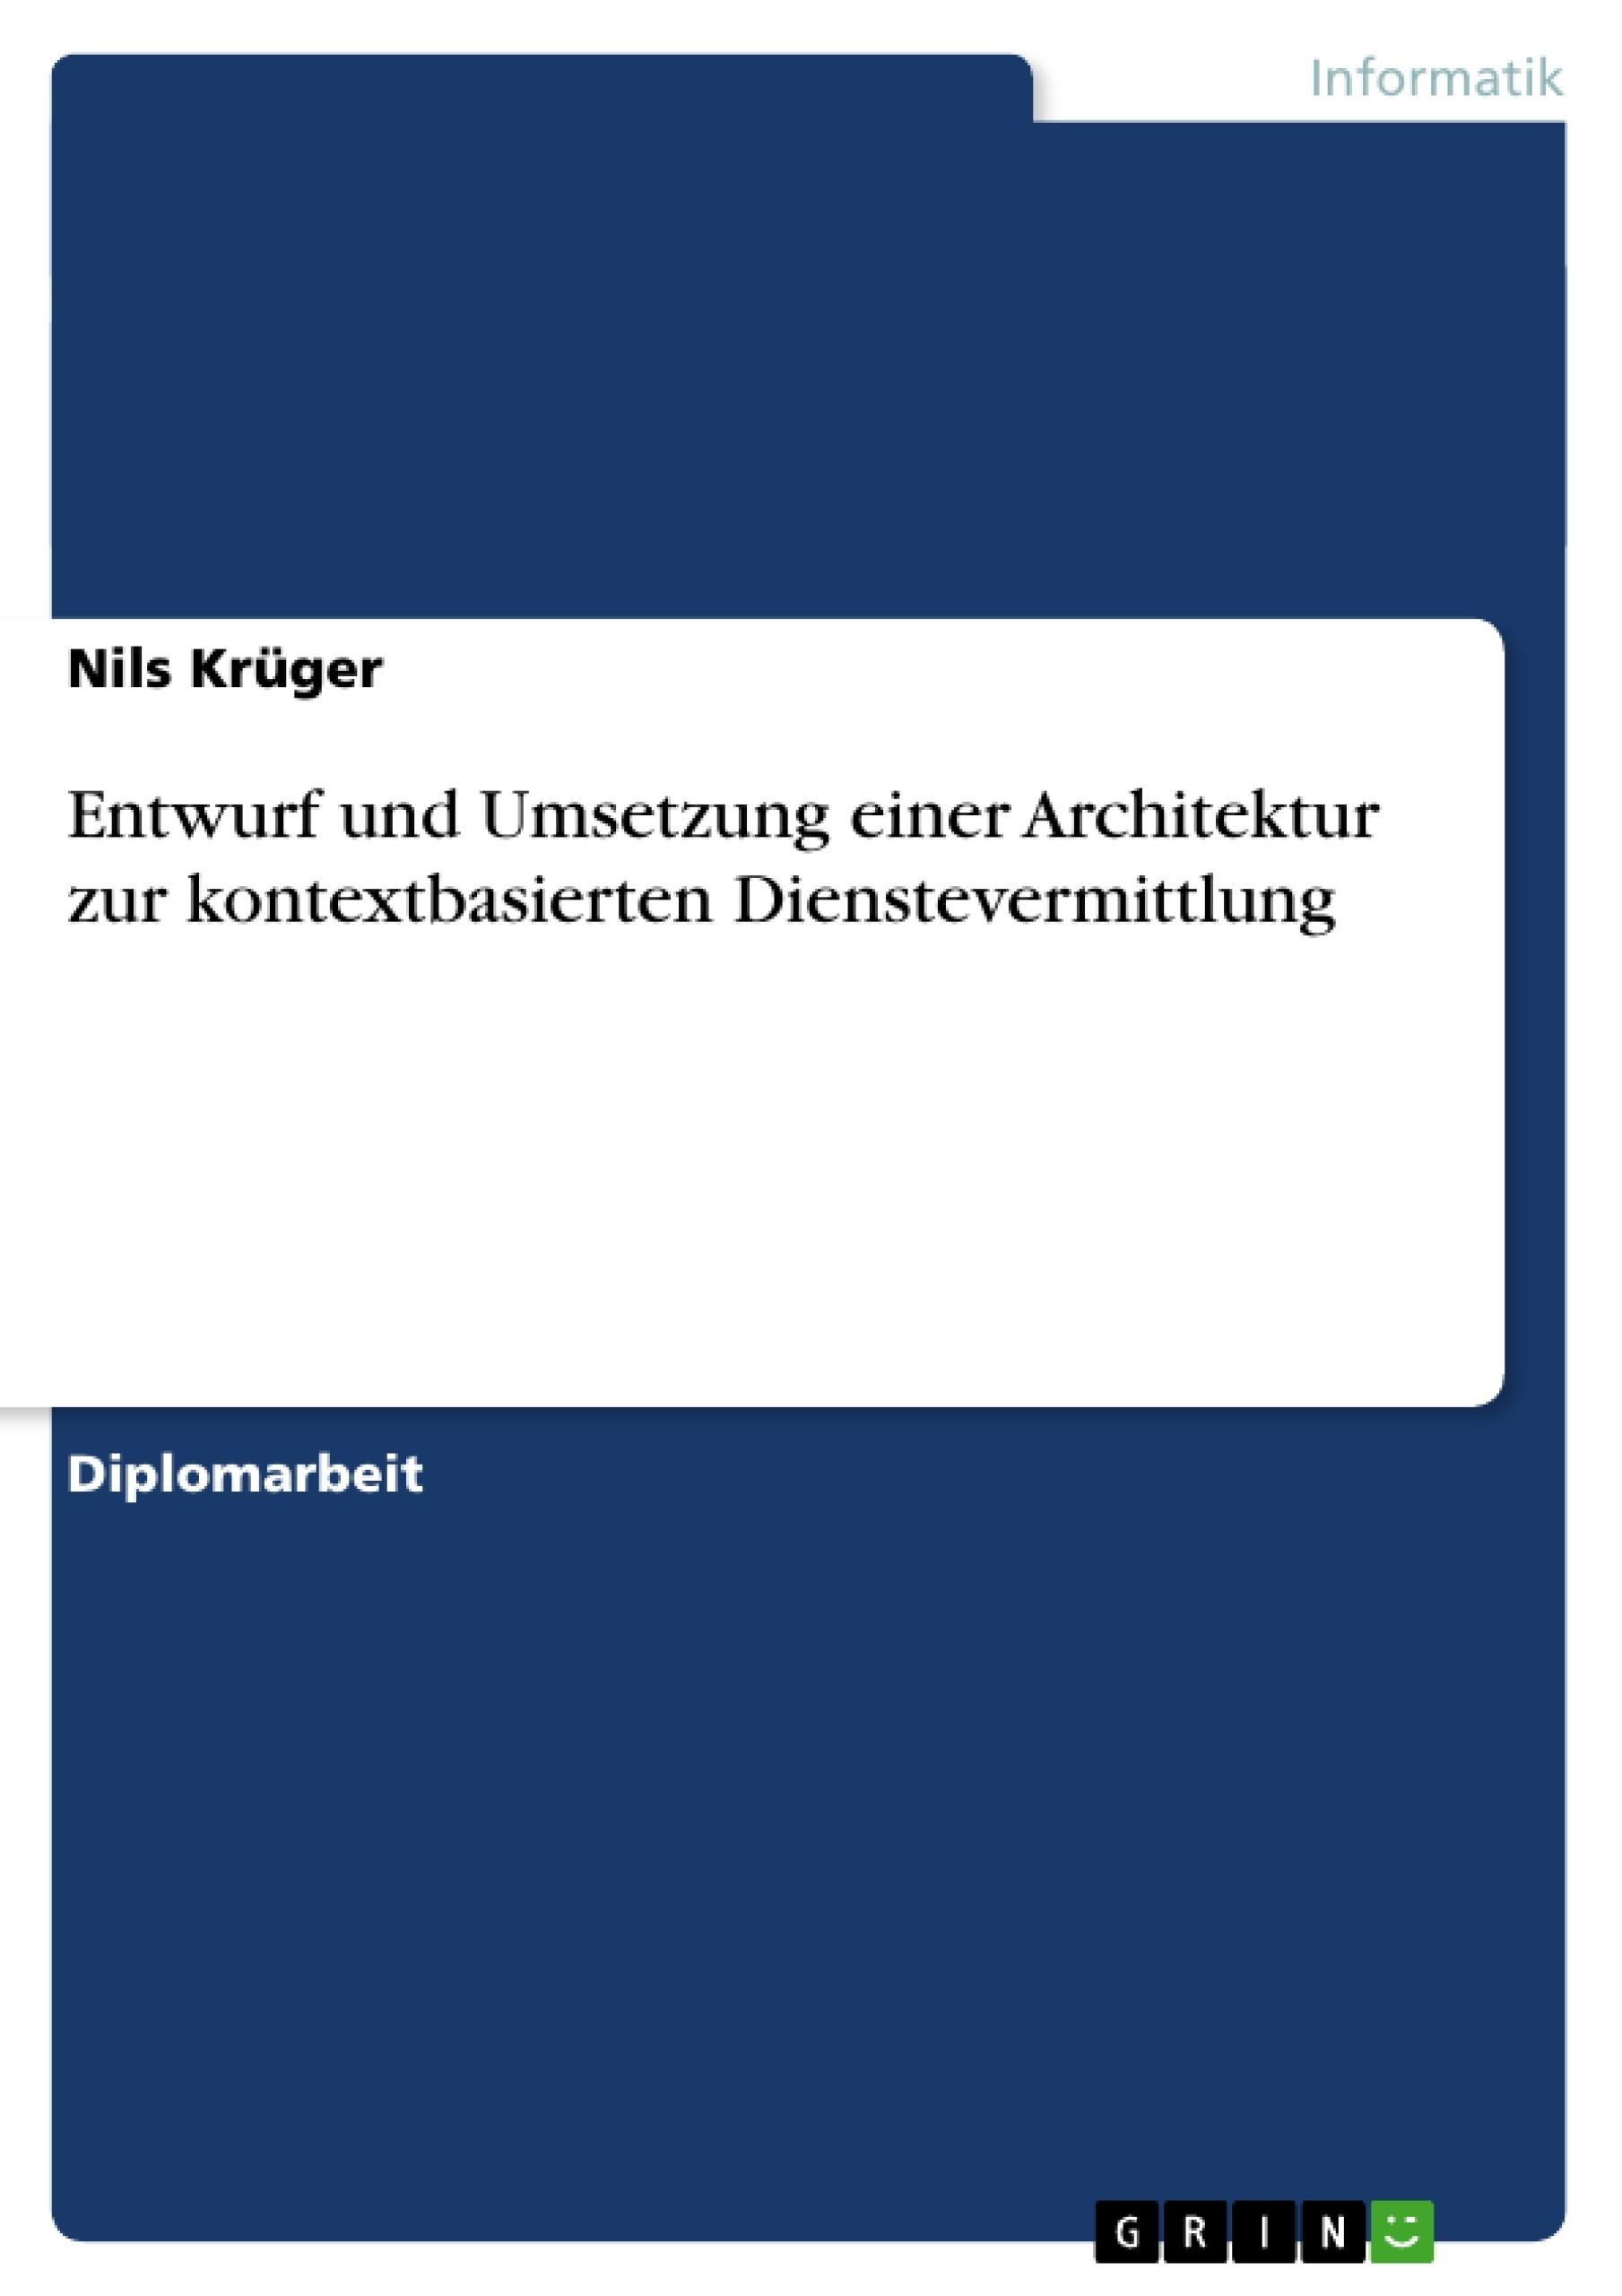 Titel: Entwurf und Umsetzung einer Architektur zur kontextbasierten Dienstevermittlung